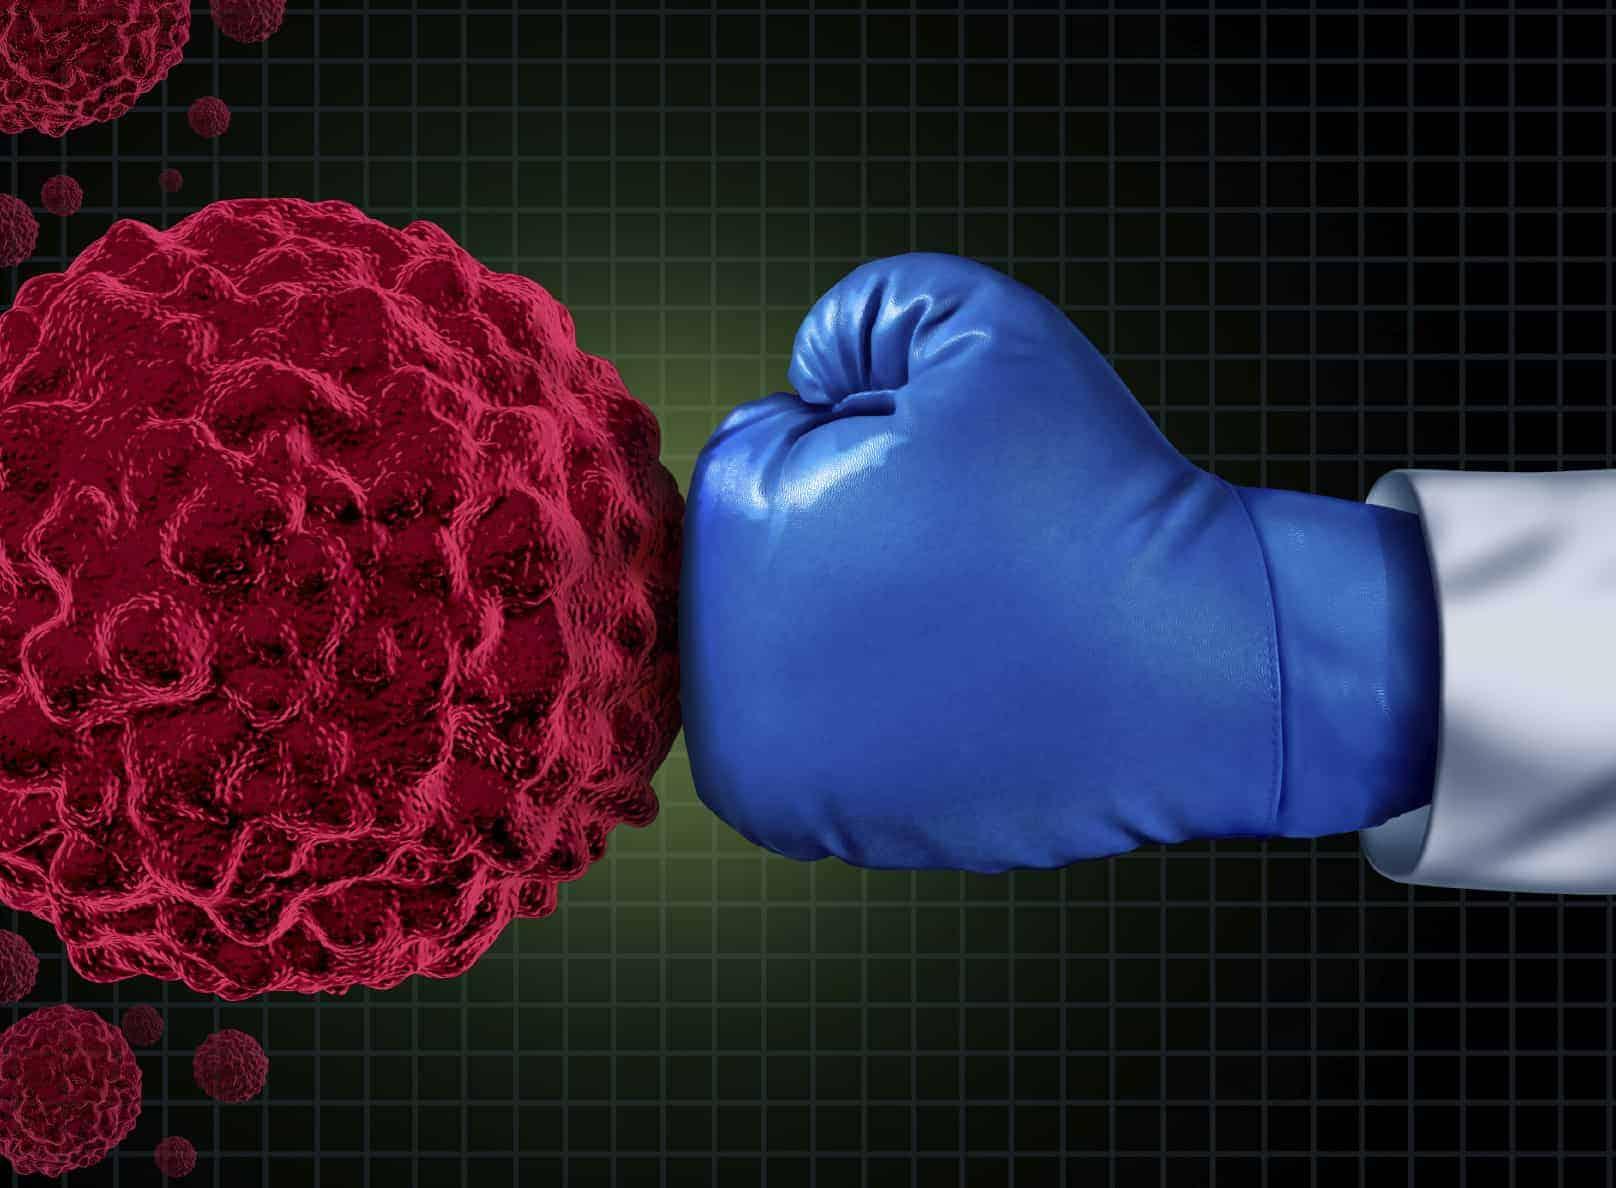 קיטרודה ומערכת החיסון